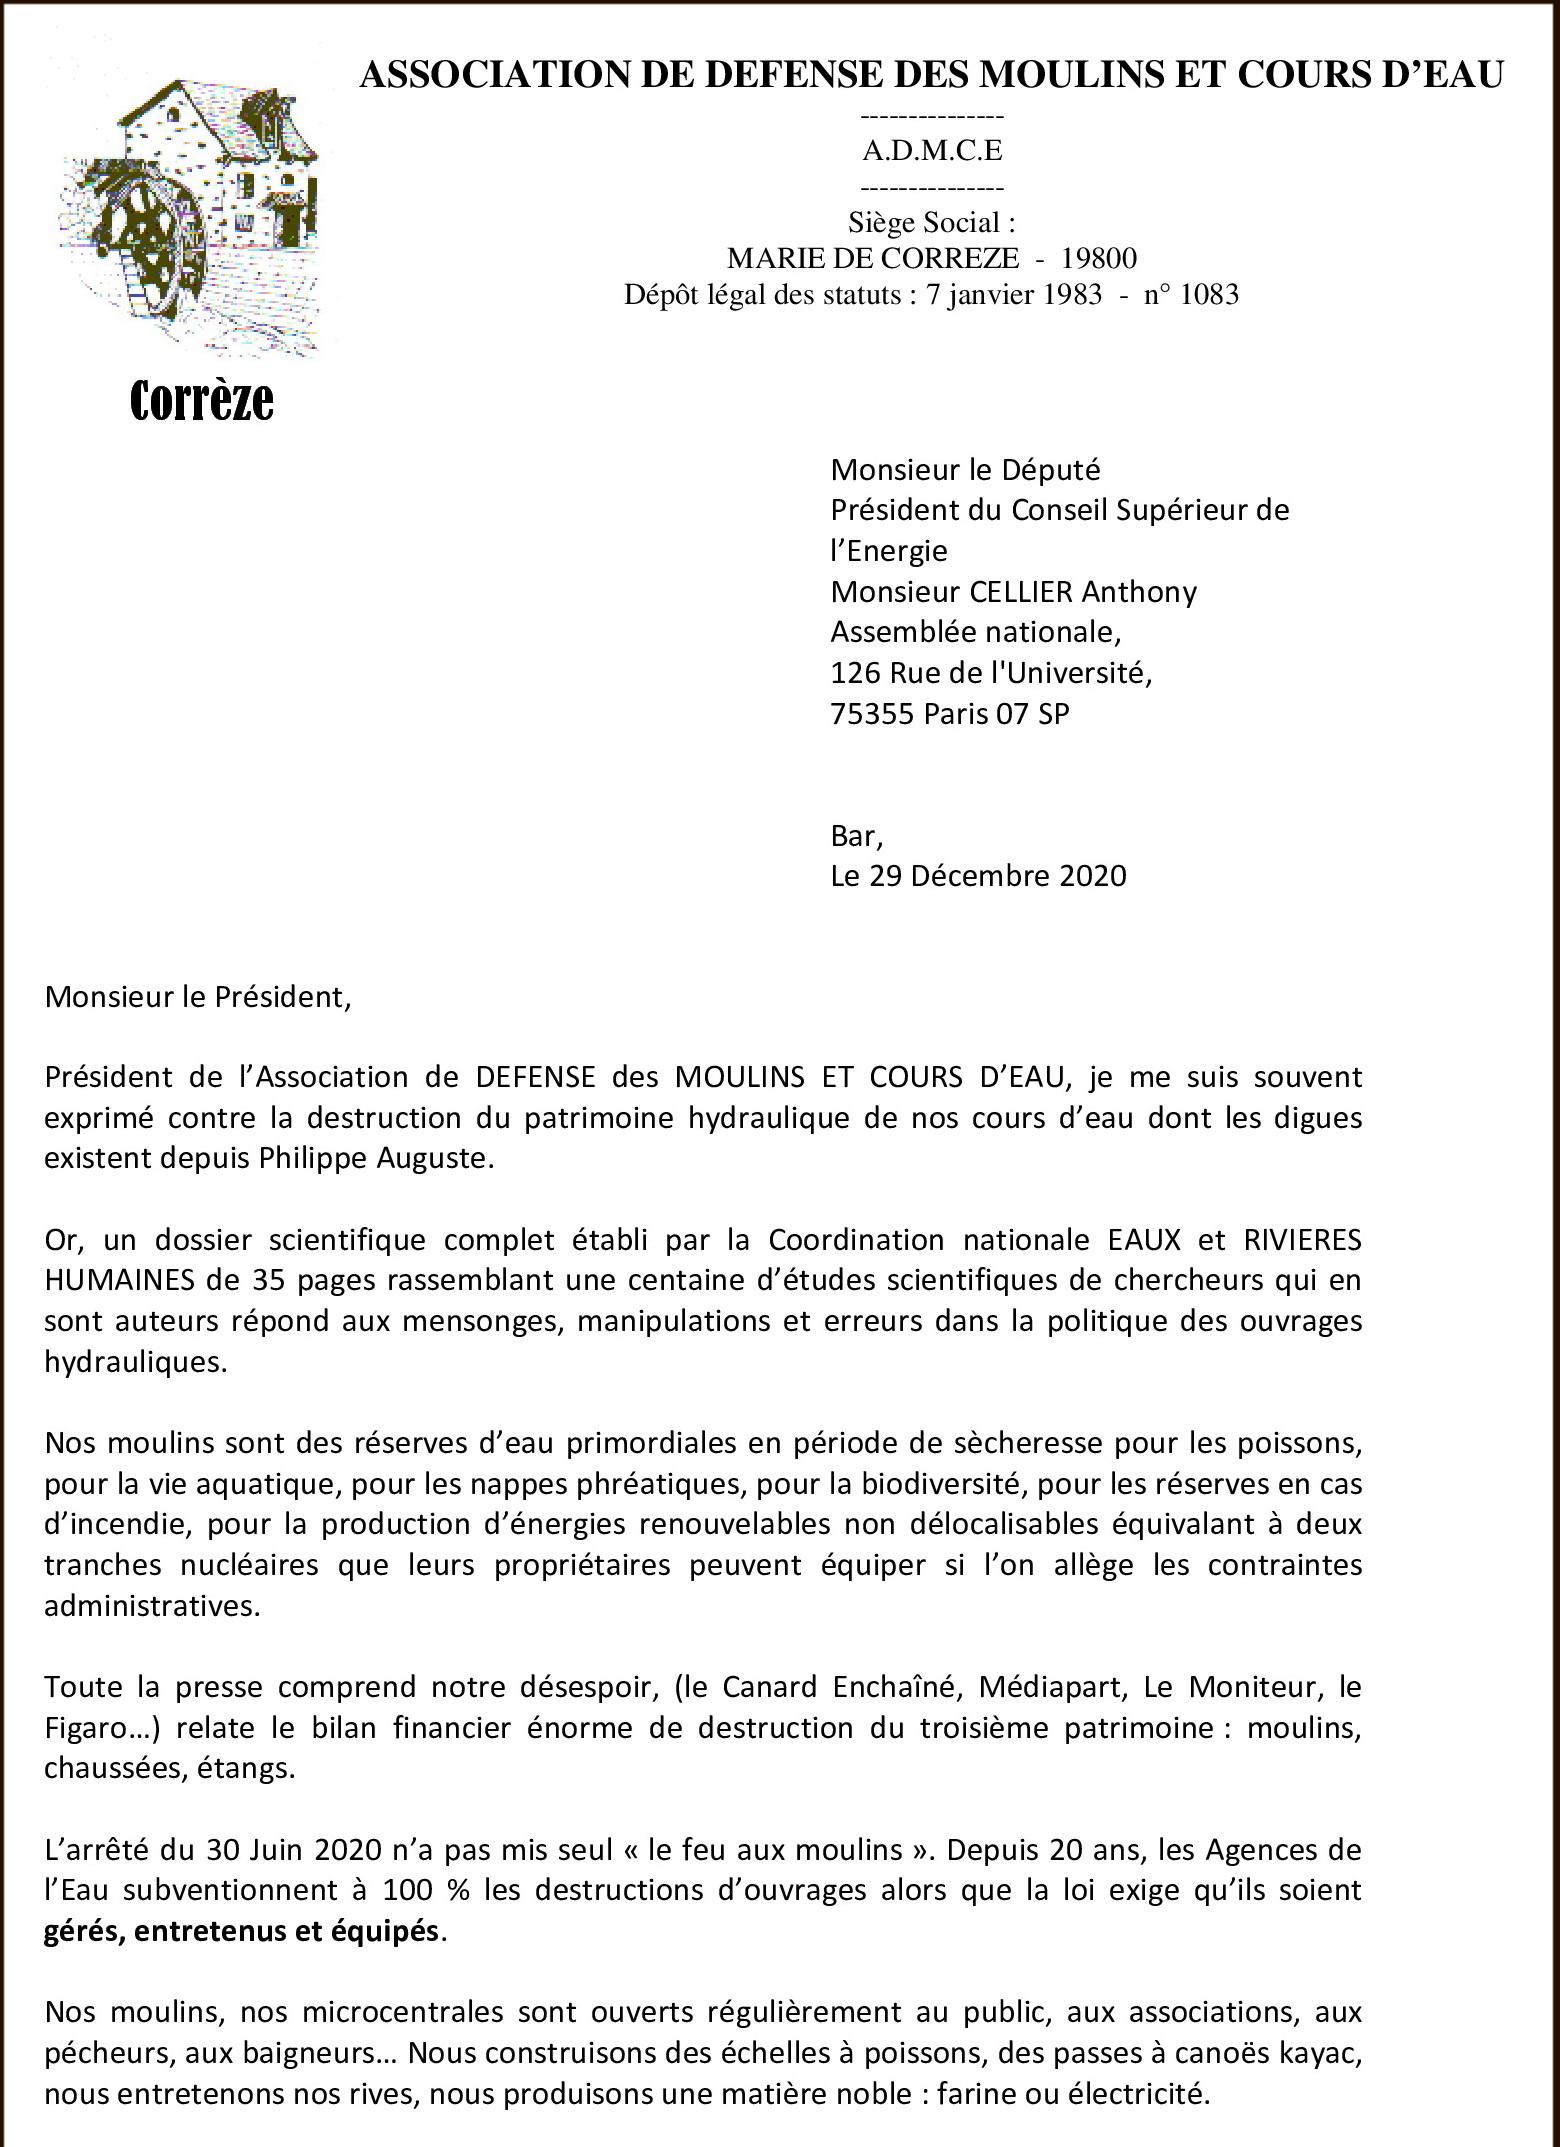 ADMCE Corrèze page 1